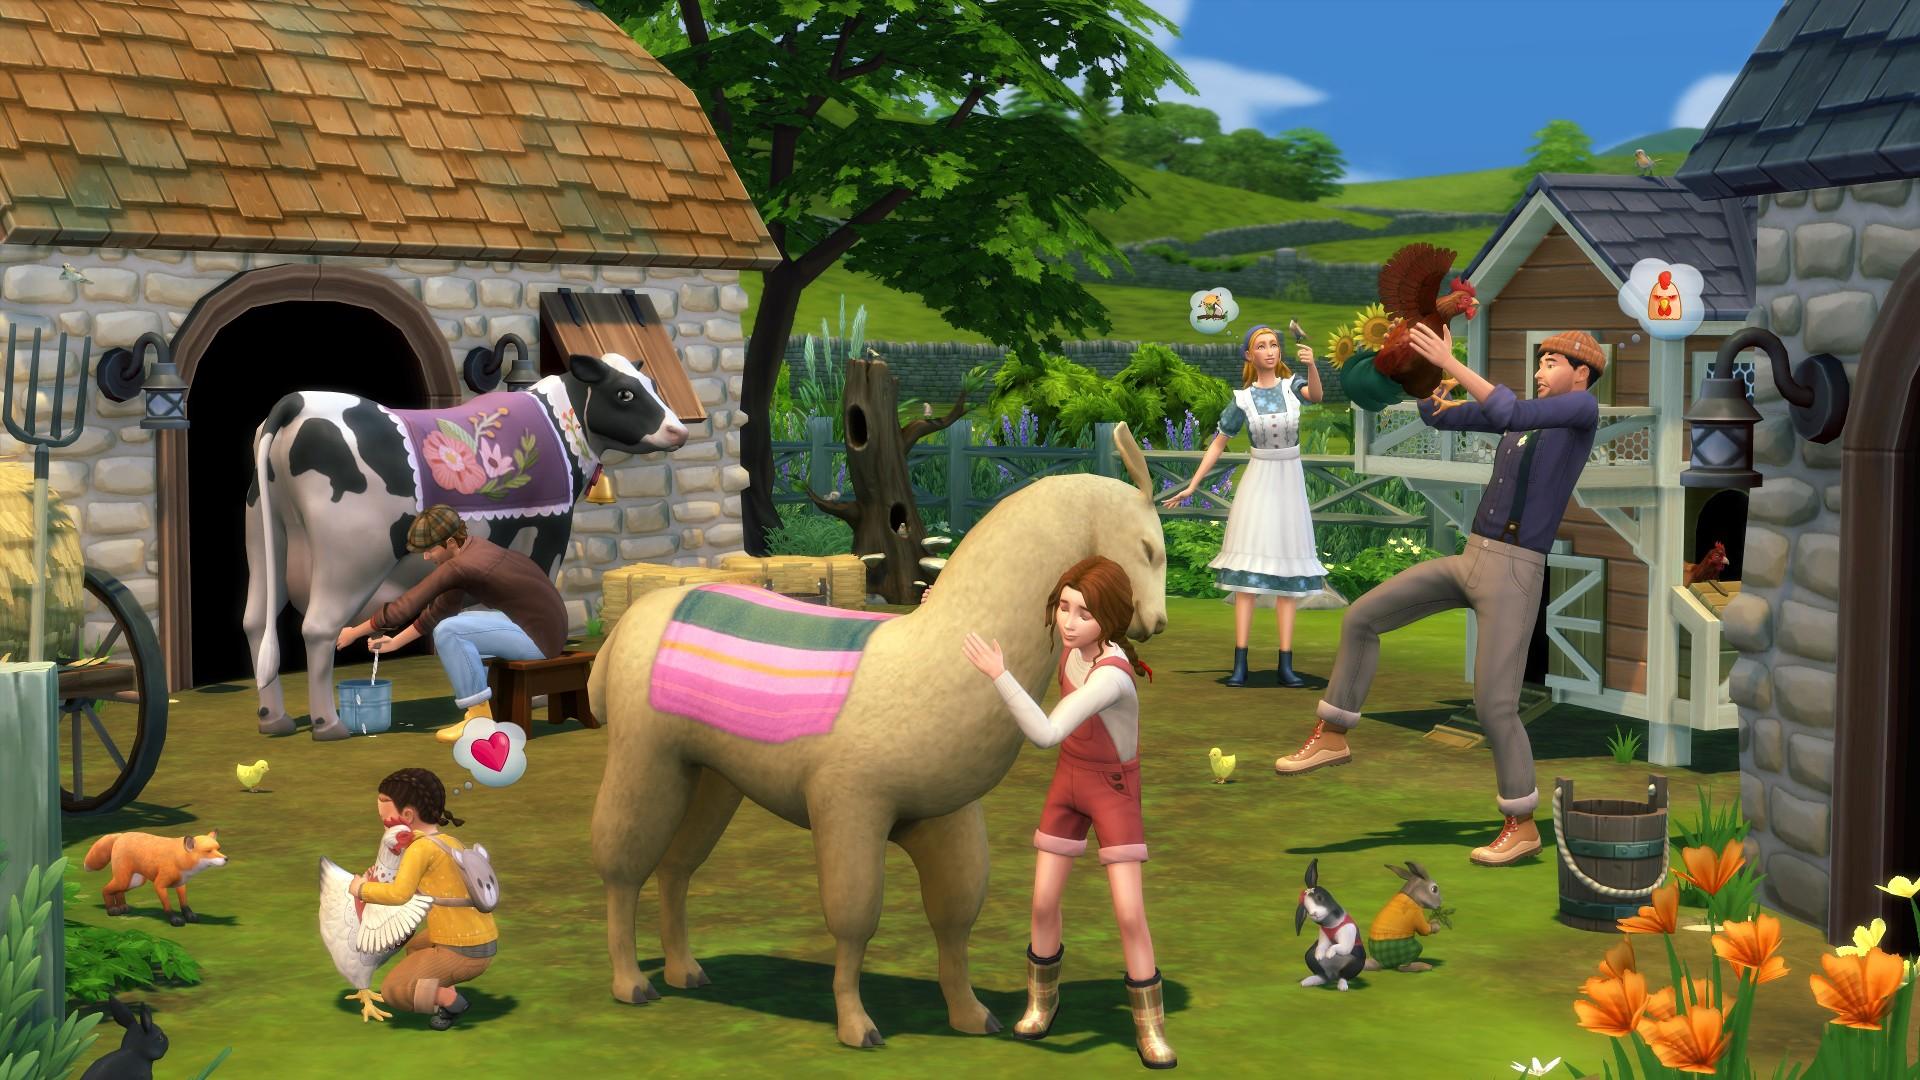 Les Sims 4 : Extension Cottage Living Meilleur prix